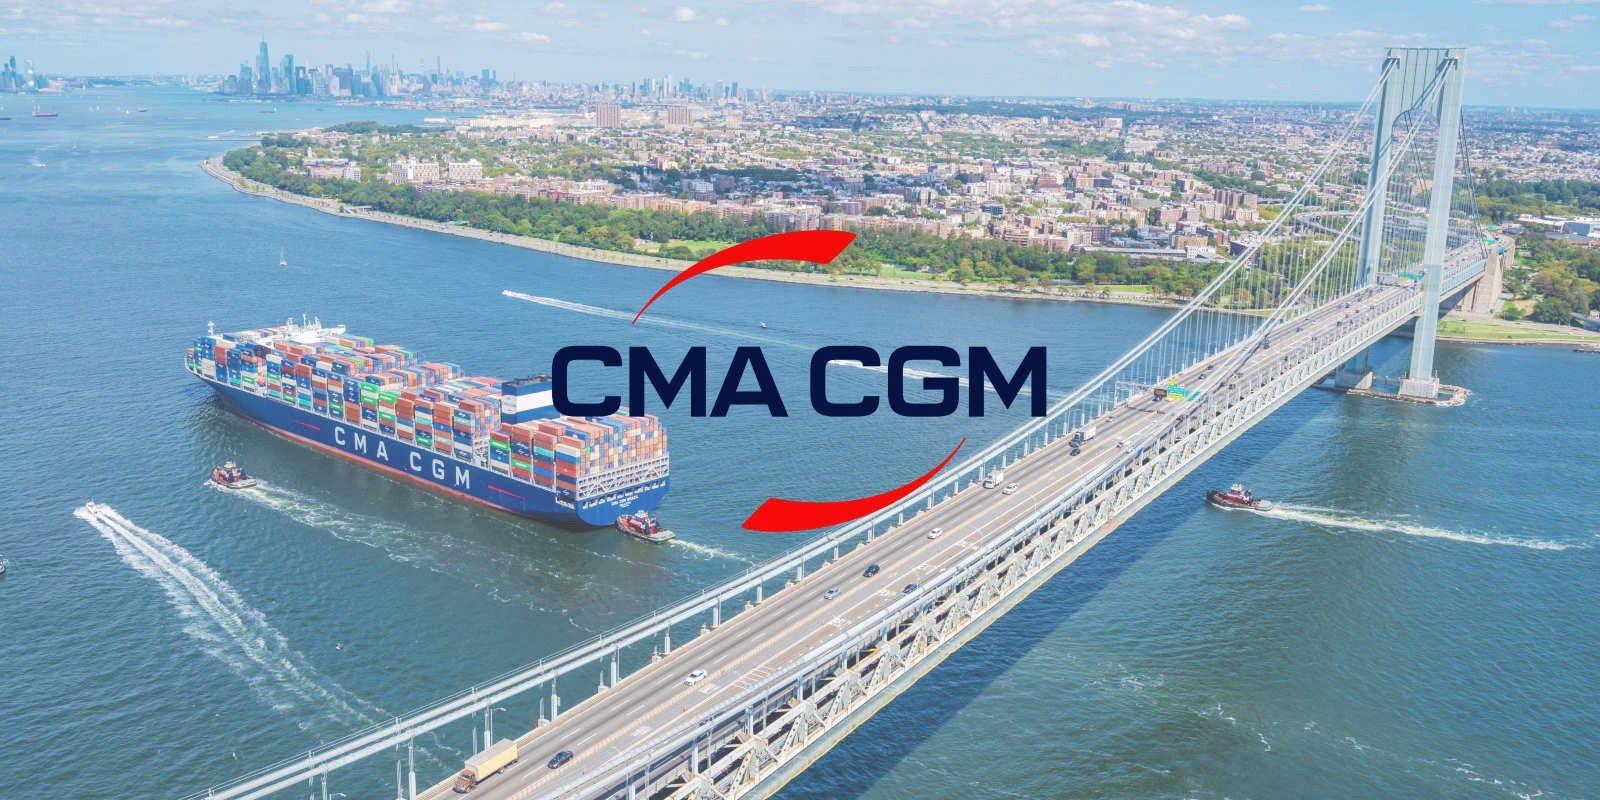 Il gigante della logistica CMA CGM va offline per bloccare gli attacchi di malware